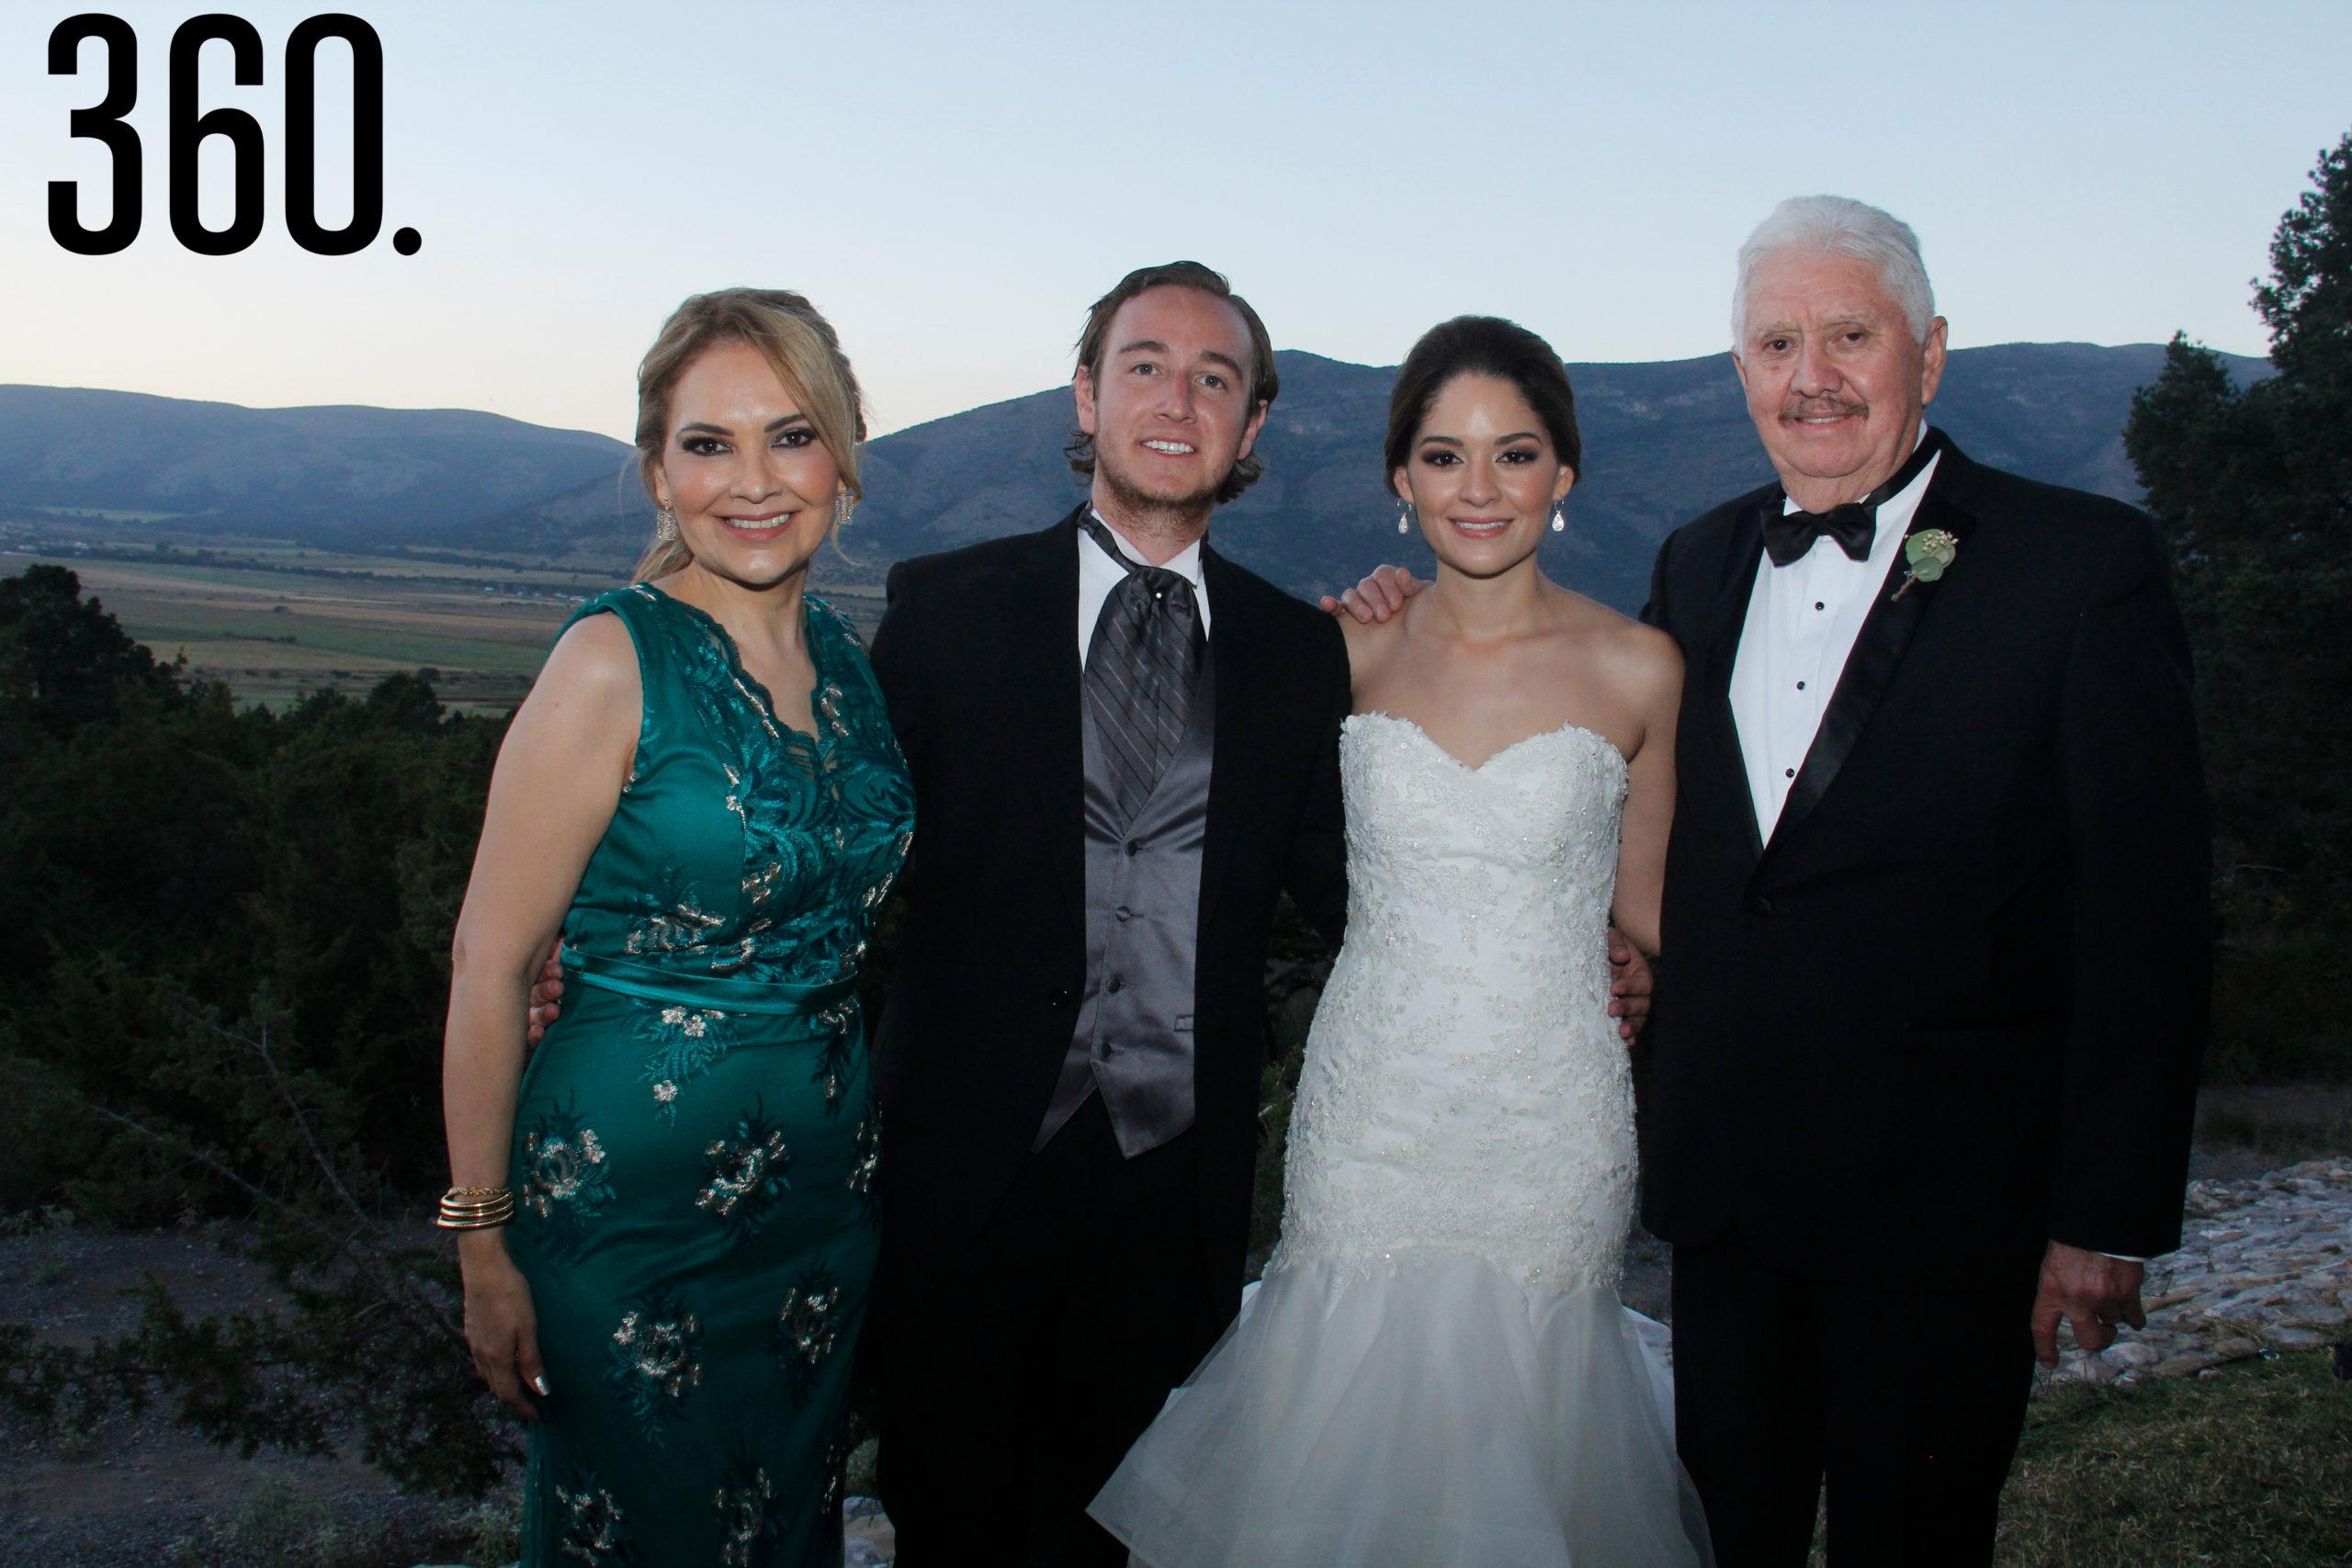 María Cristina Meraz González y Alberto Javier Navarro Rivera, con su hija Valeria y Jorge.